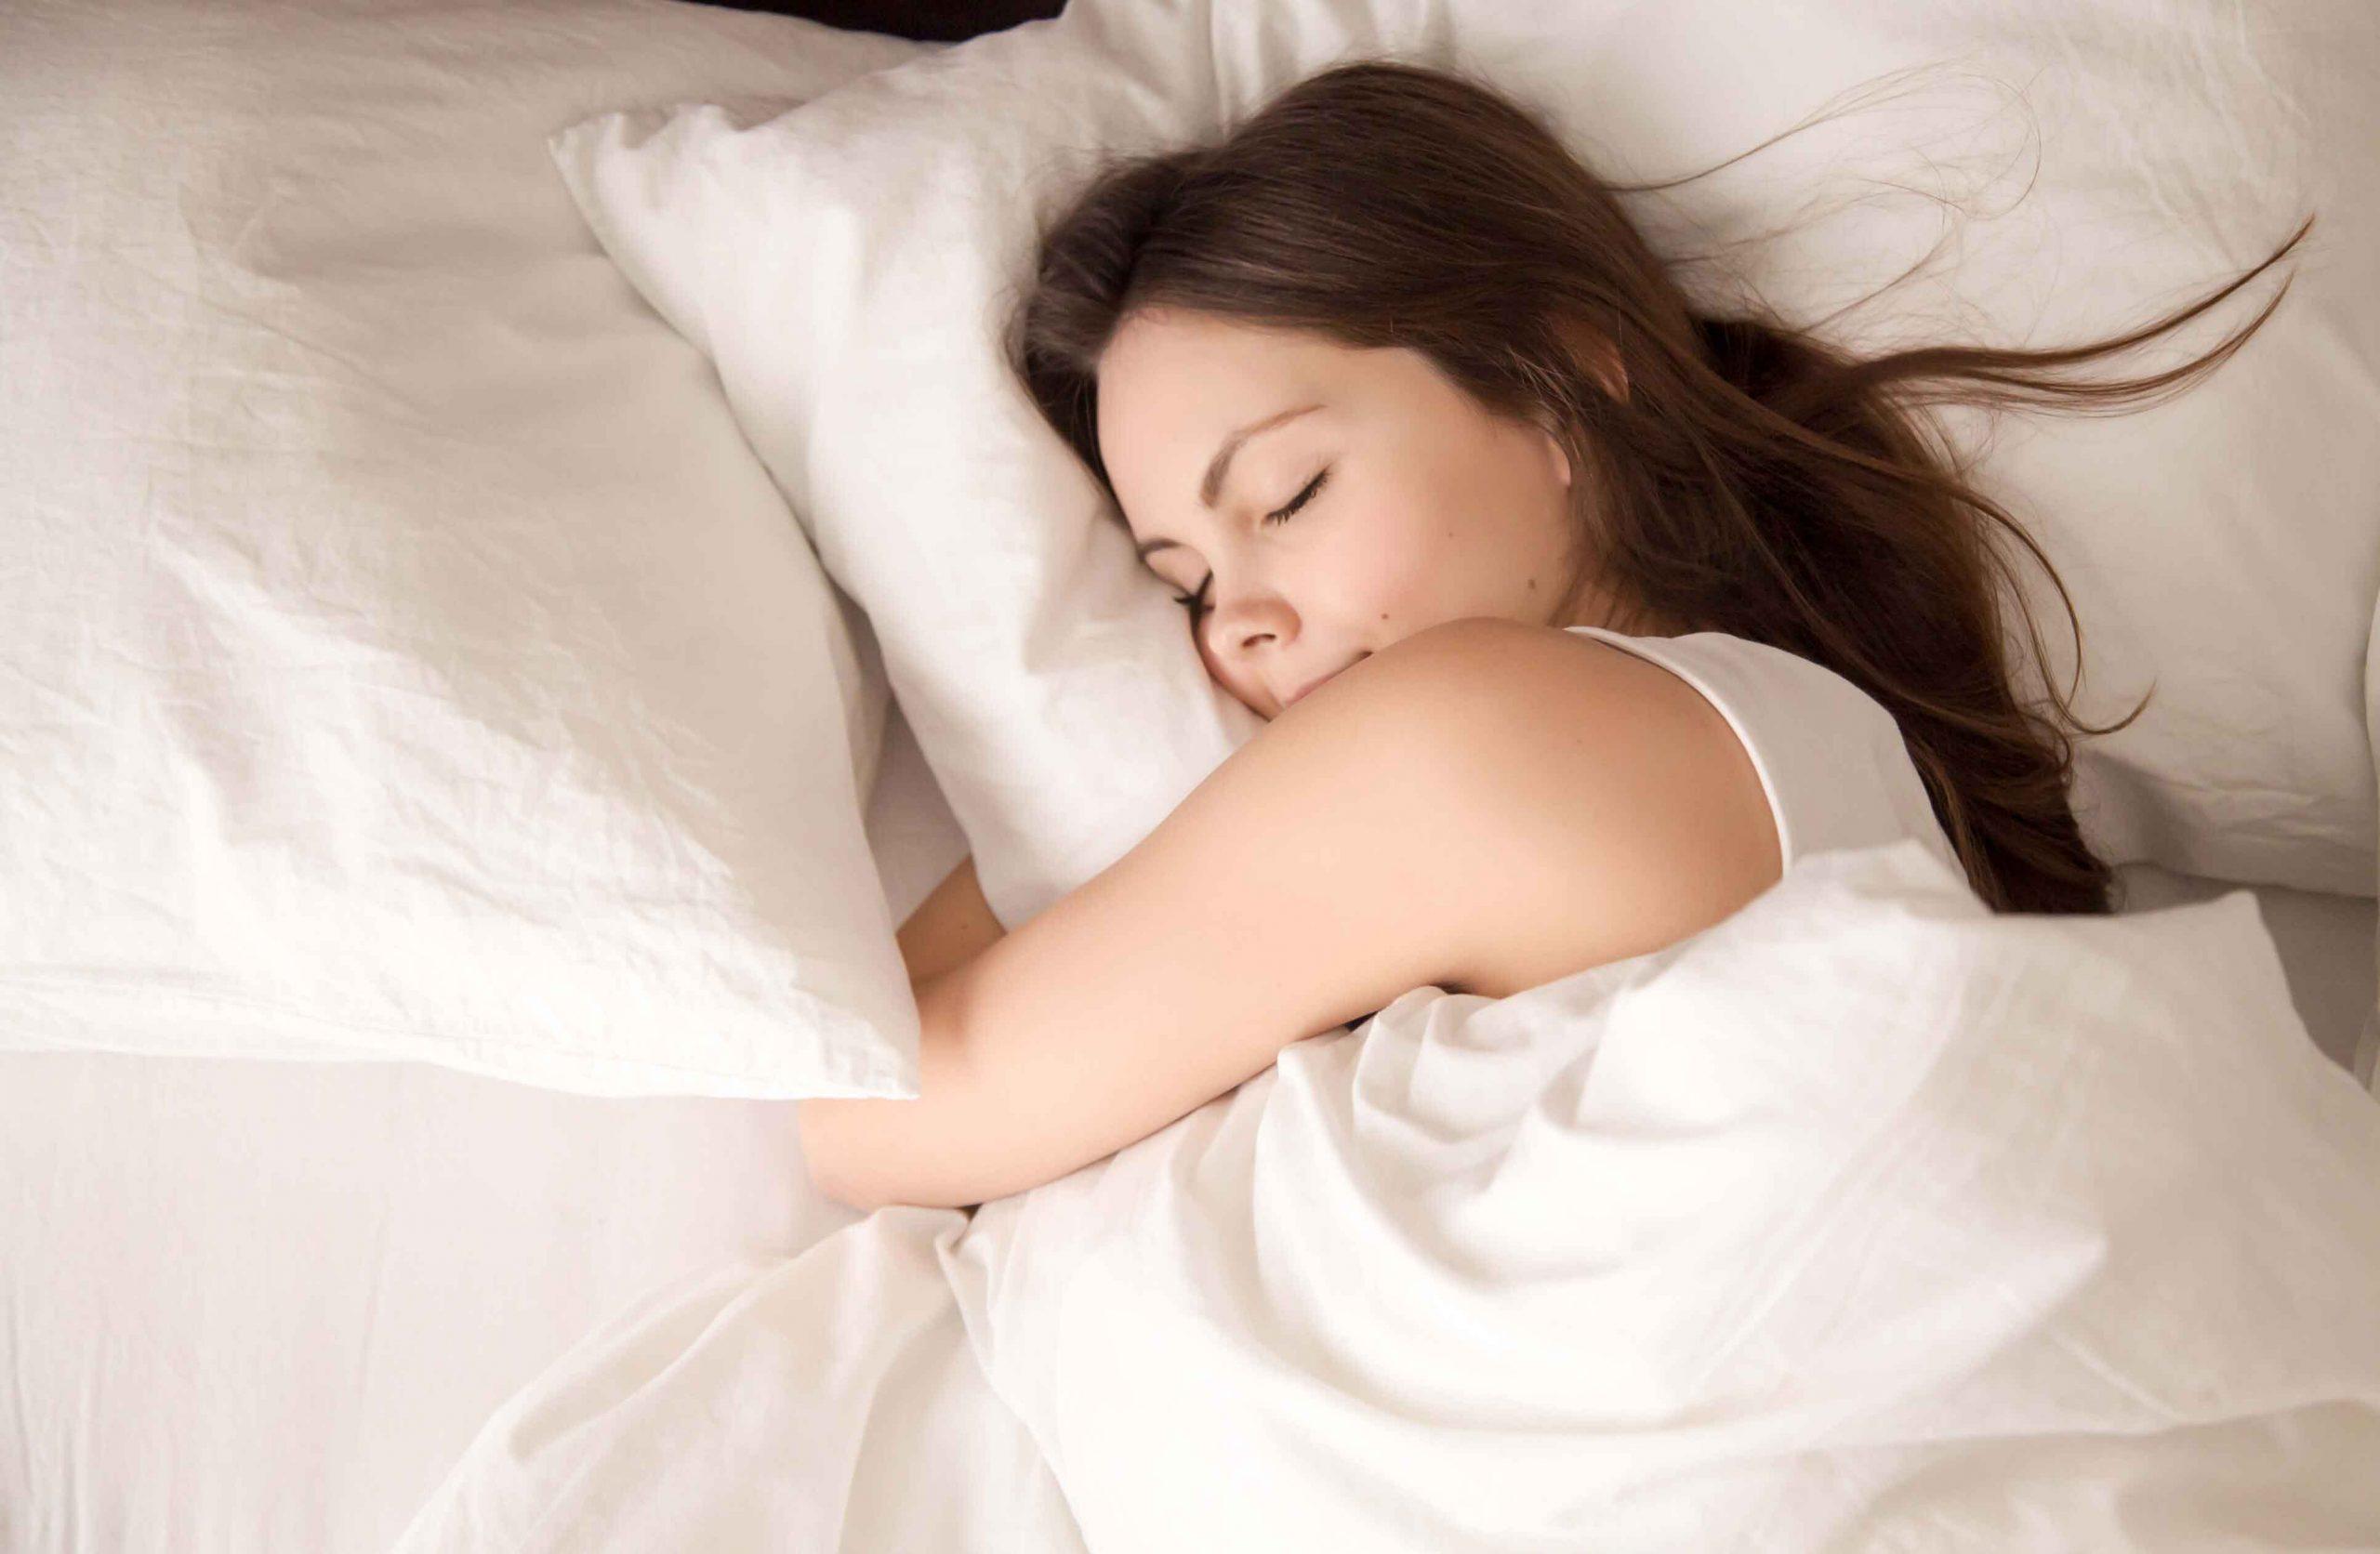 Curiosidades-sobre-el-sueno-y-los-suenos-dormir-mujer